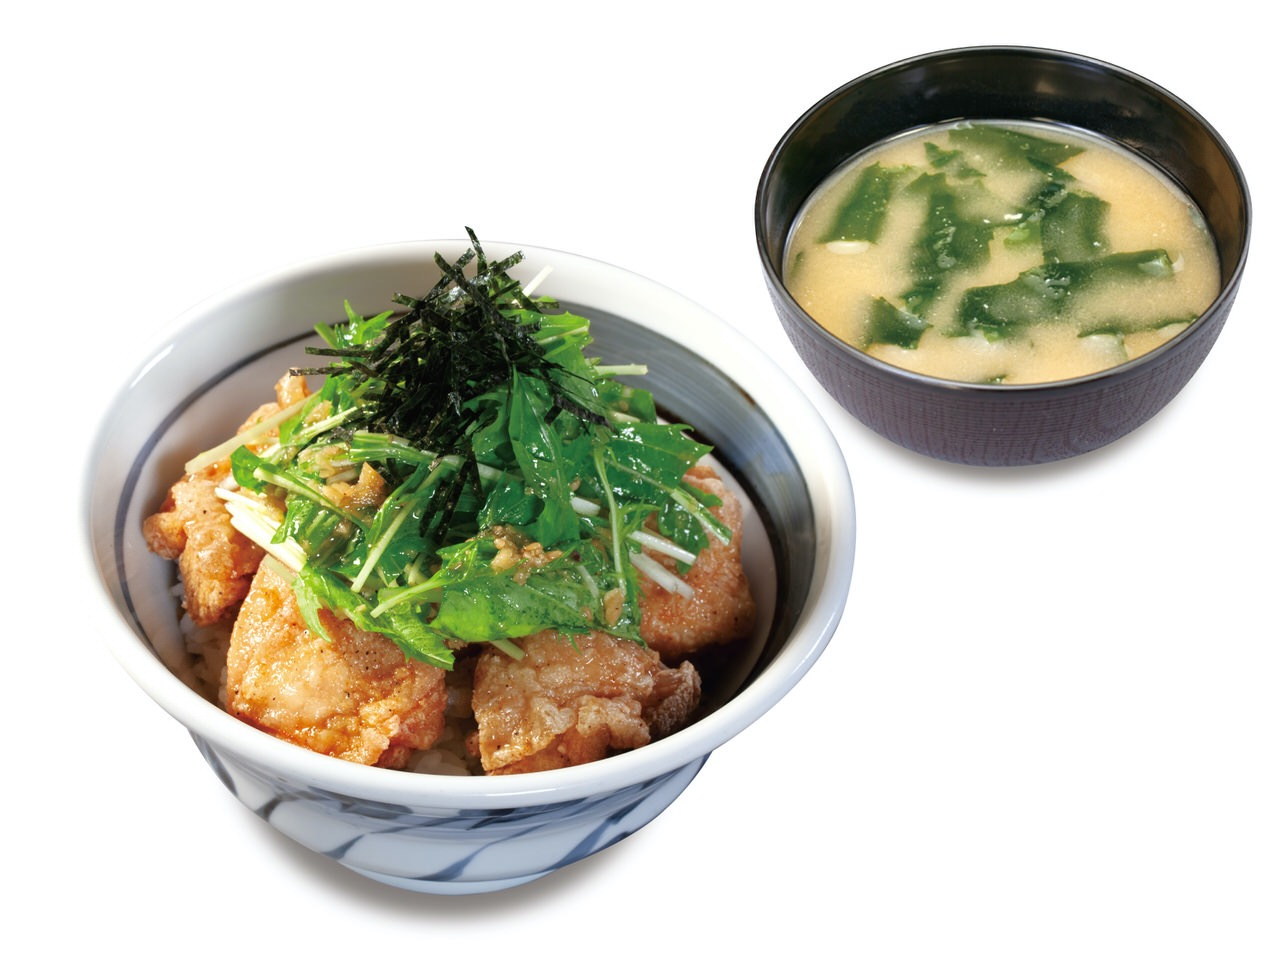 【松のや】鶏モモ肉の「塩ダレ鶏カラ丼」熟成ポークの「塩ダレかつ定食」鶏モモ肉丸ごと1枚の「塩ダレメガチキンかつ定食」発売(7/8〜)